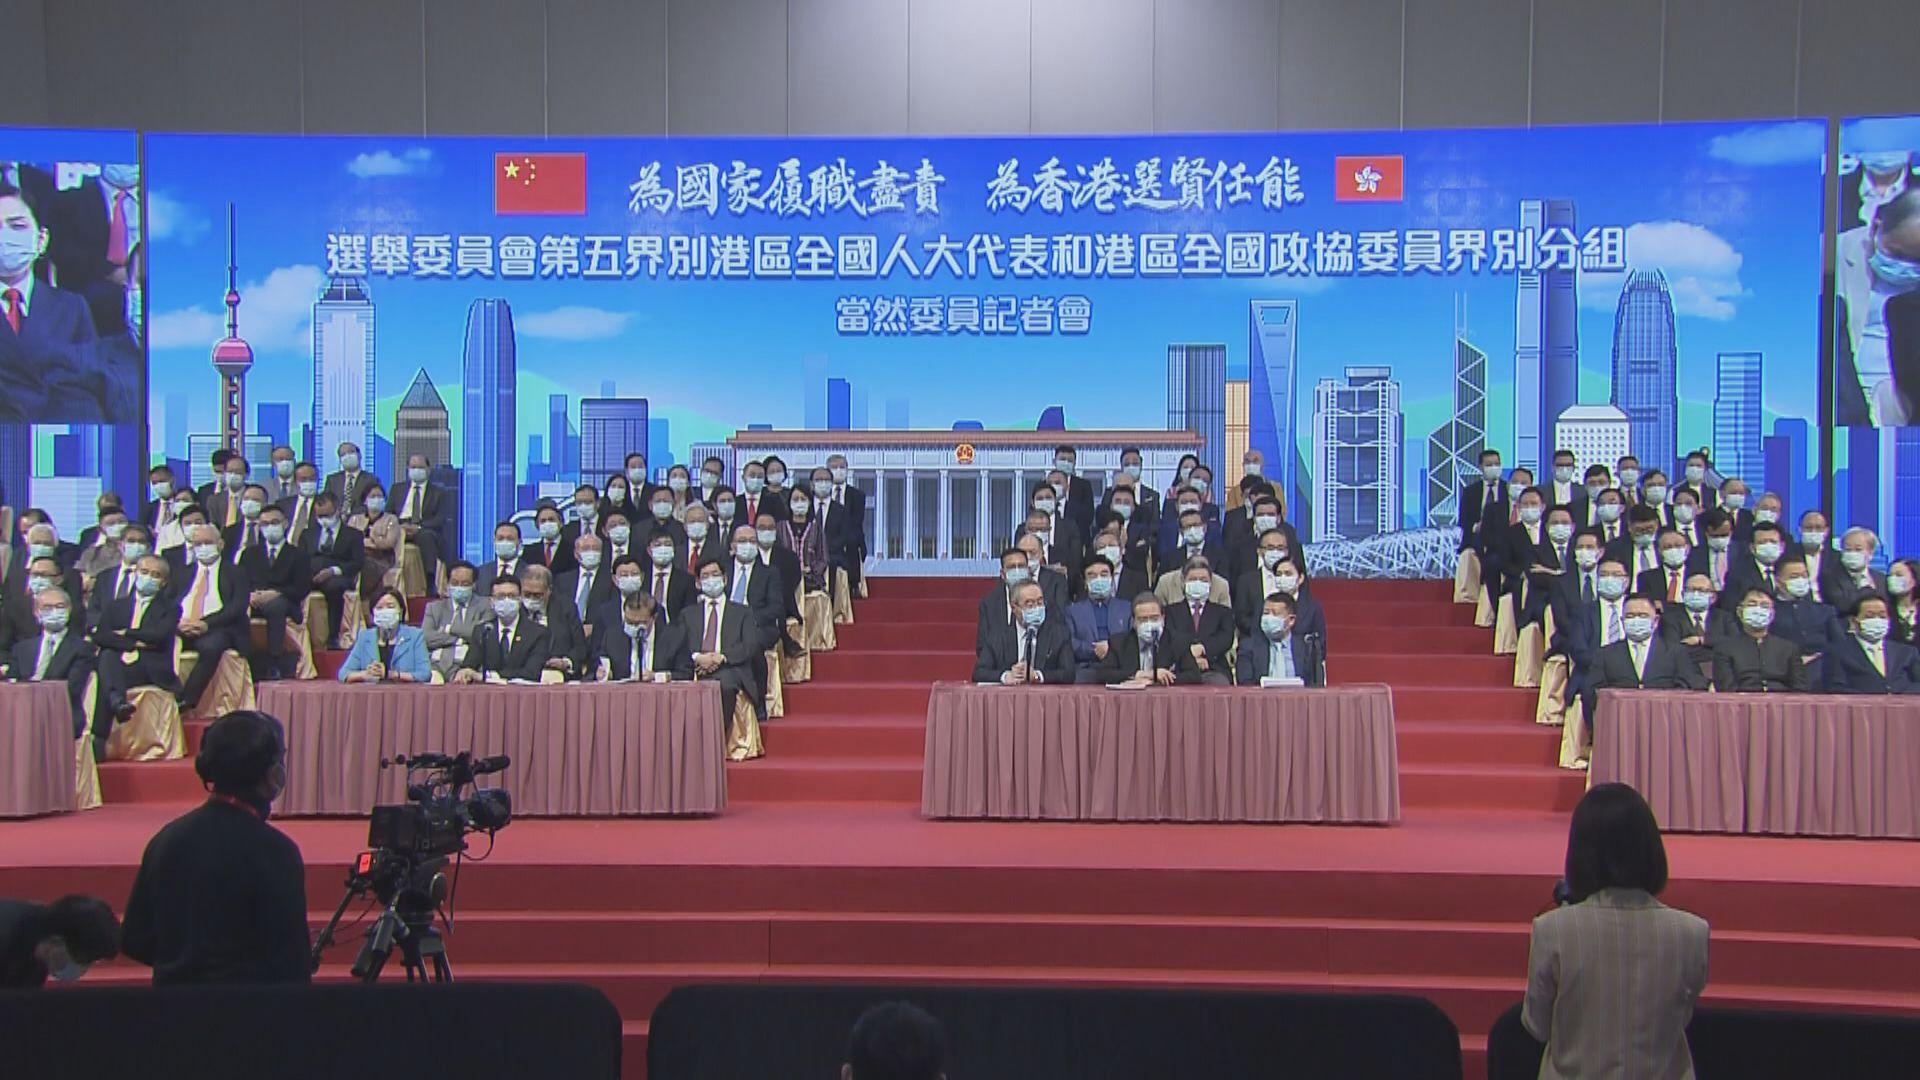 人大政協周末設街站 宣傳新選舉制度